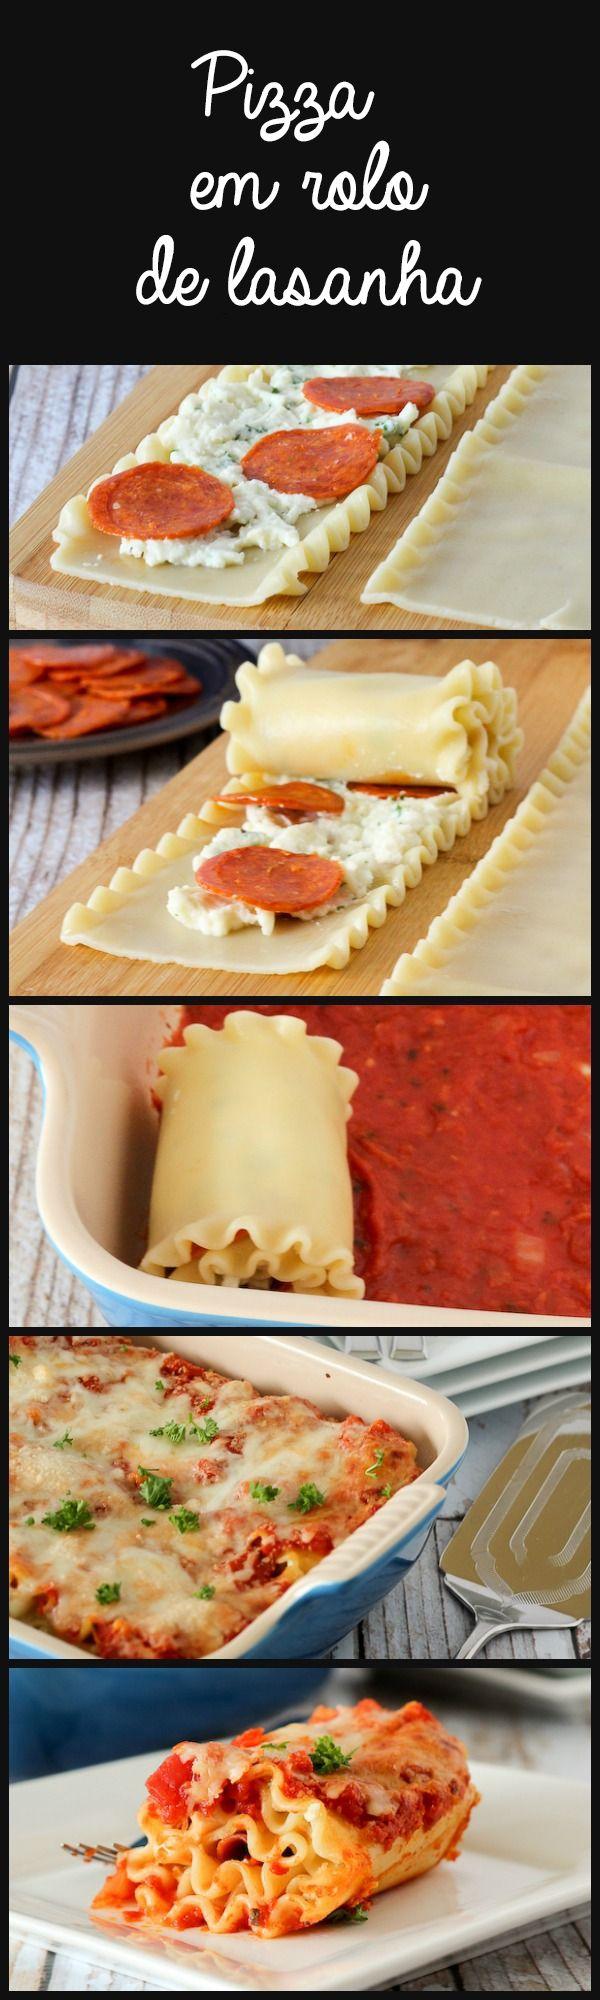 Pizza e lasanha juntas na mesma receita, o resultado só pode ser maravilhoso!